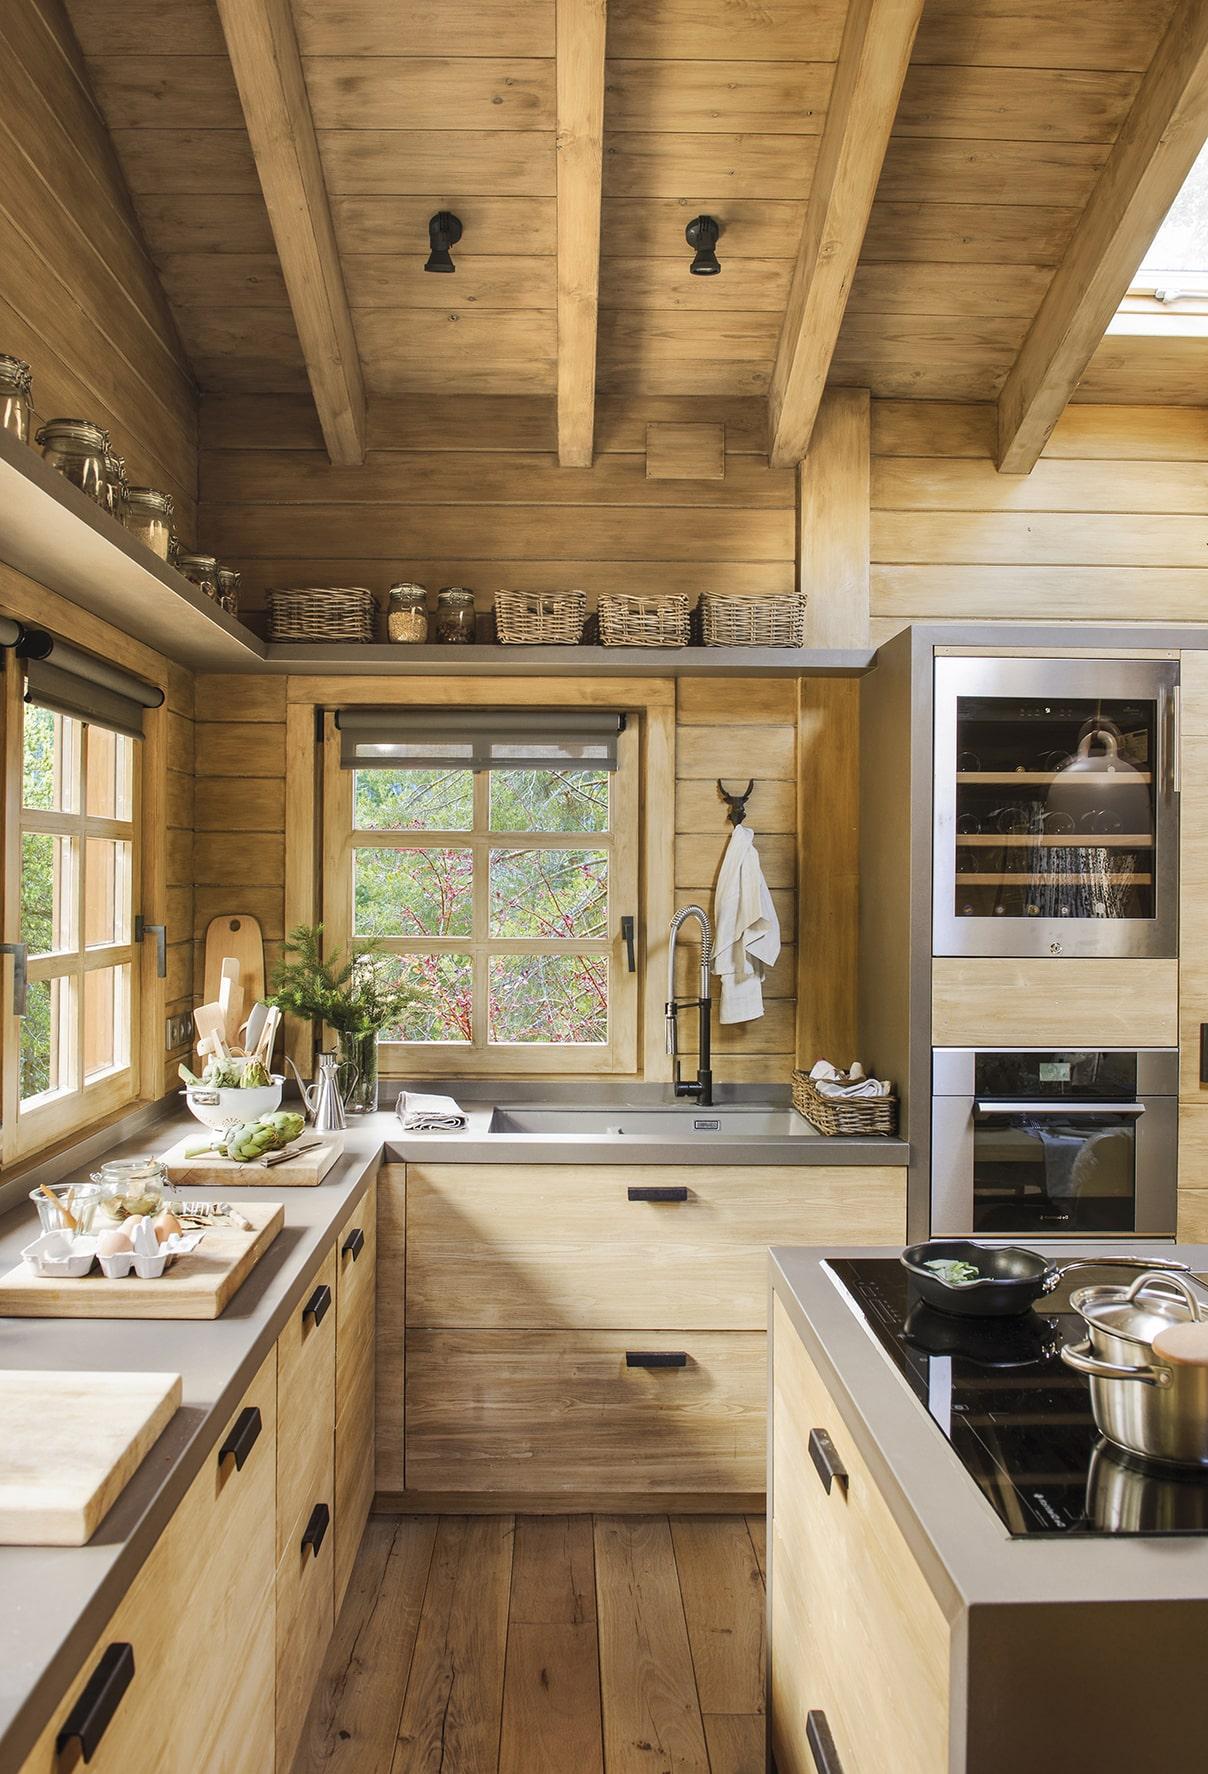 Обилие естественного освещения в оформлении кухни - первое, что необходимо учесть